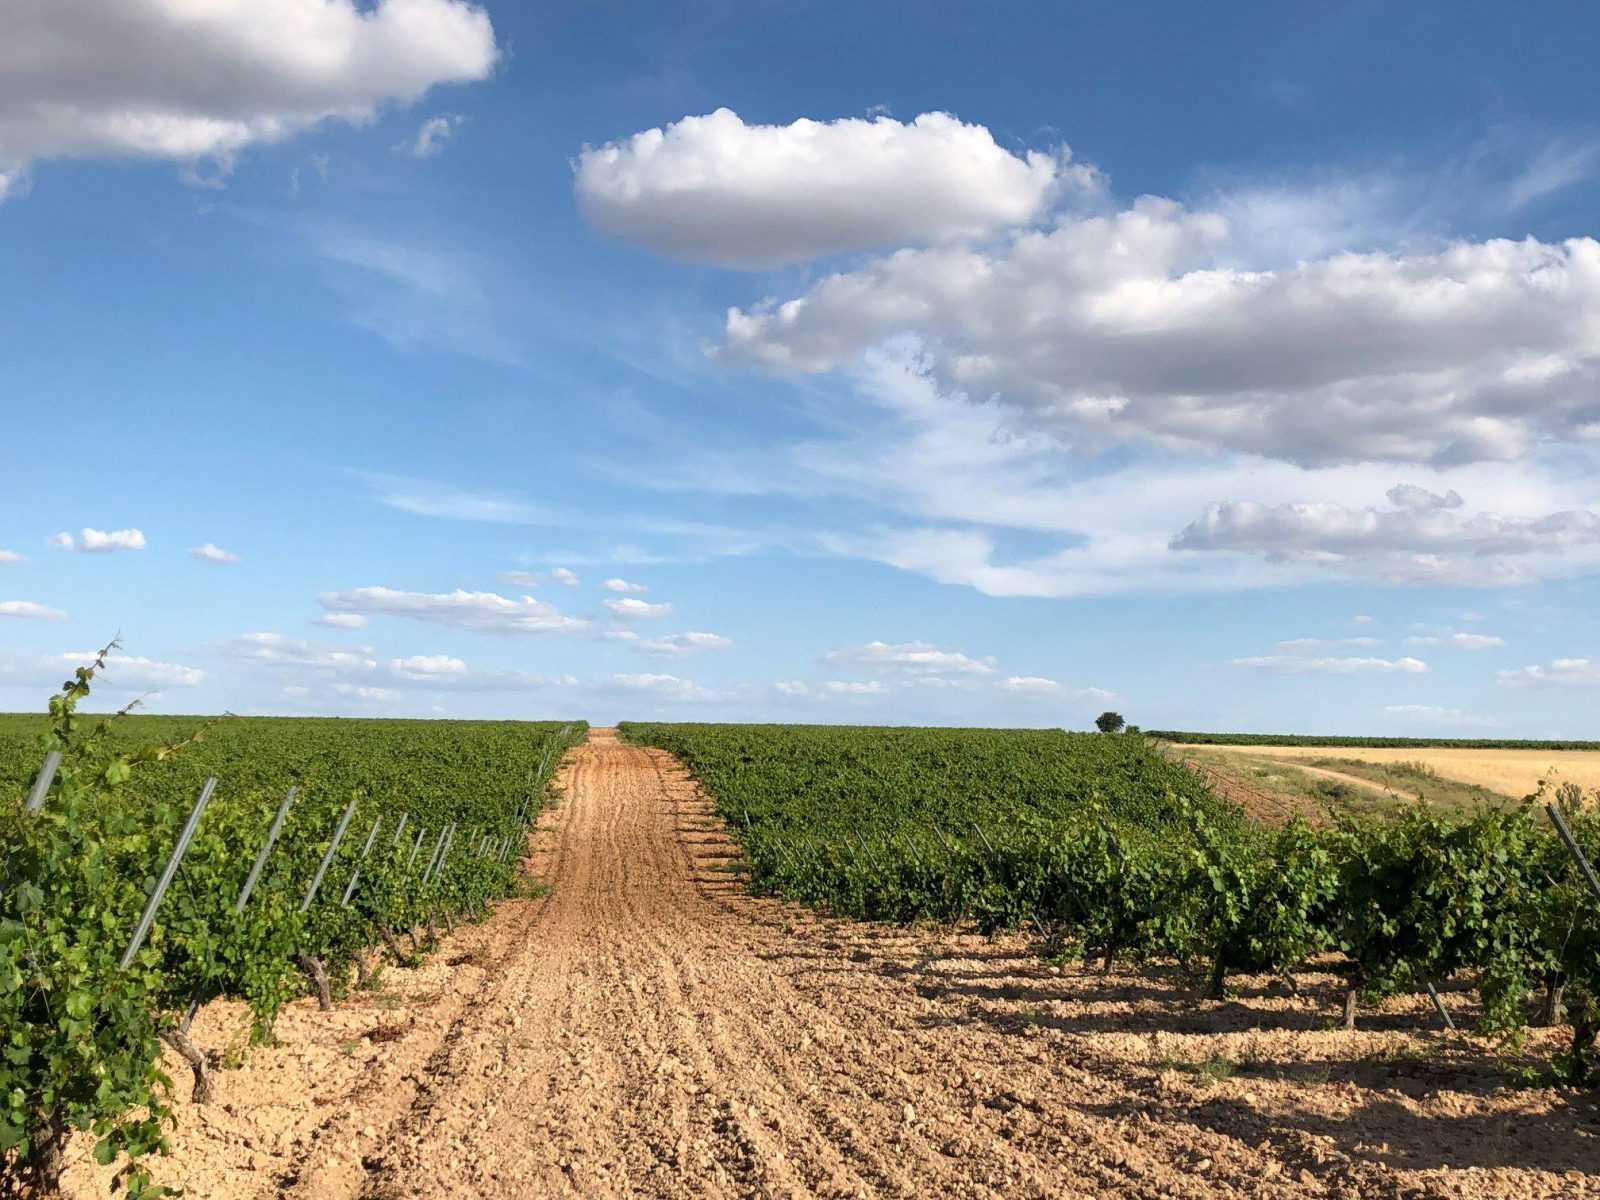 Nos adentramos en Bodegas Felix Sanz-Viña Cimbrón para enamorarnos de sus vinos y su tierra